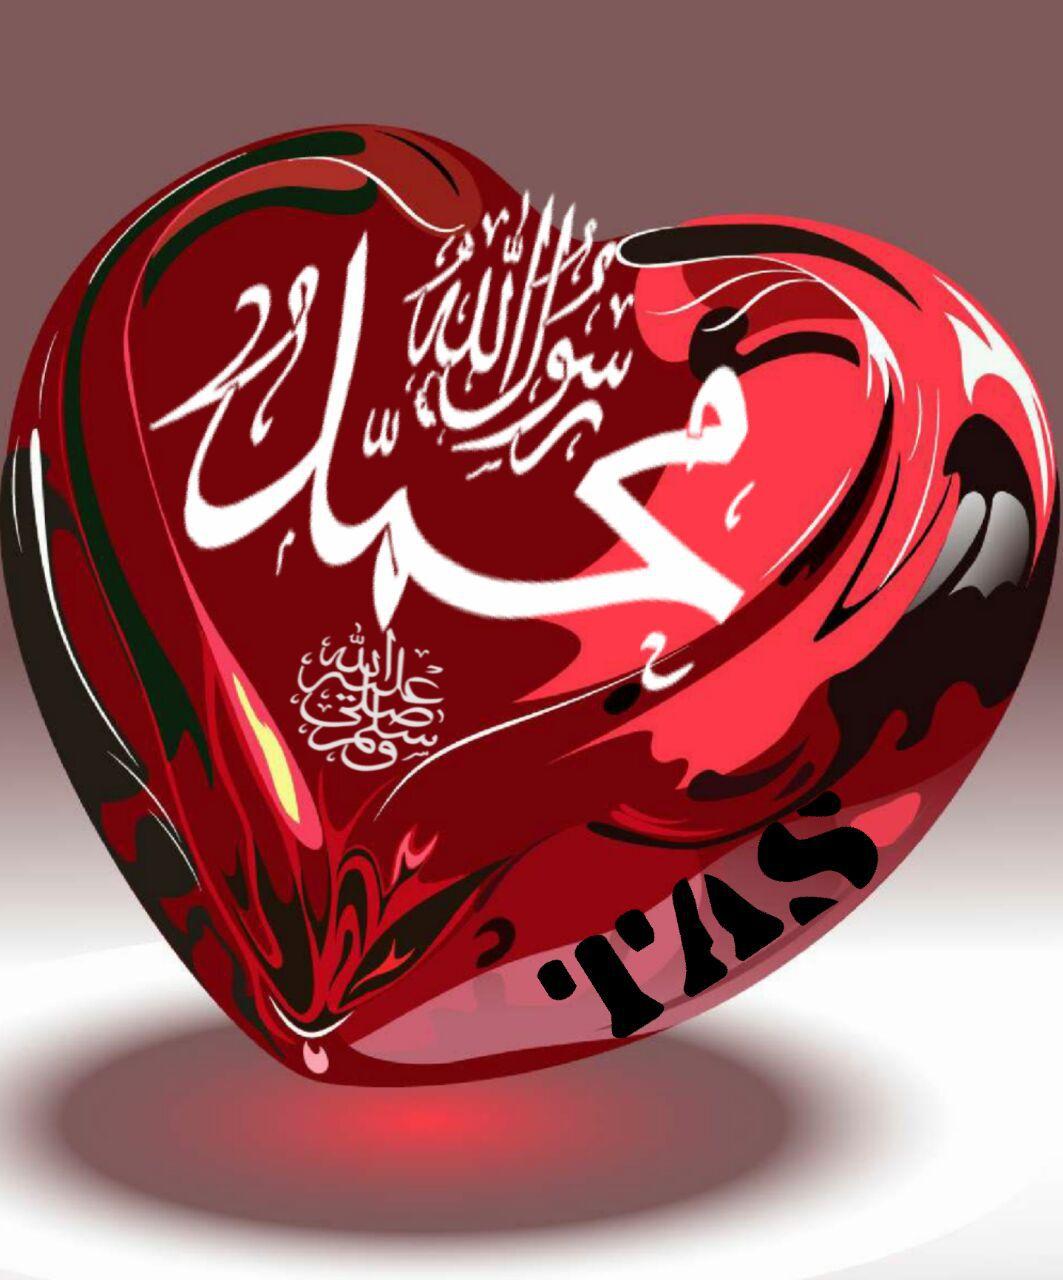 بالصور صور اسم محمد رومانسيه , اجمل صور لاسم محمد 12729 5